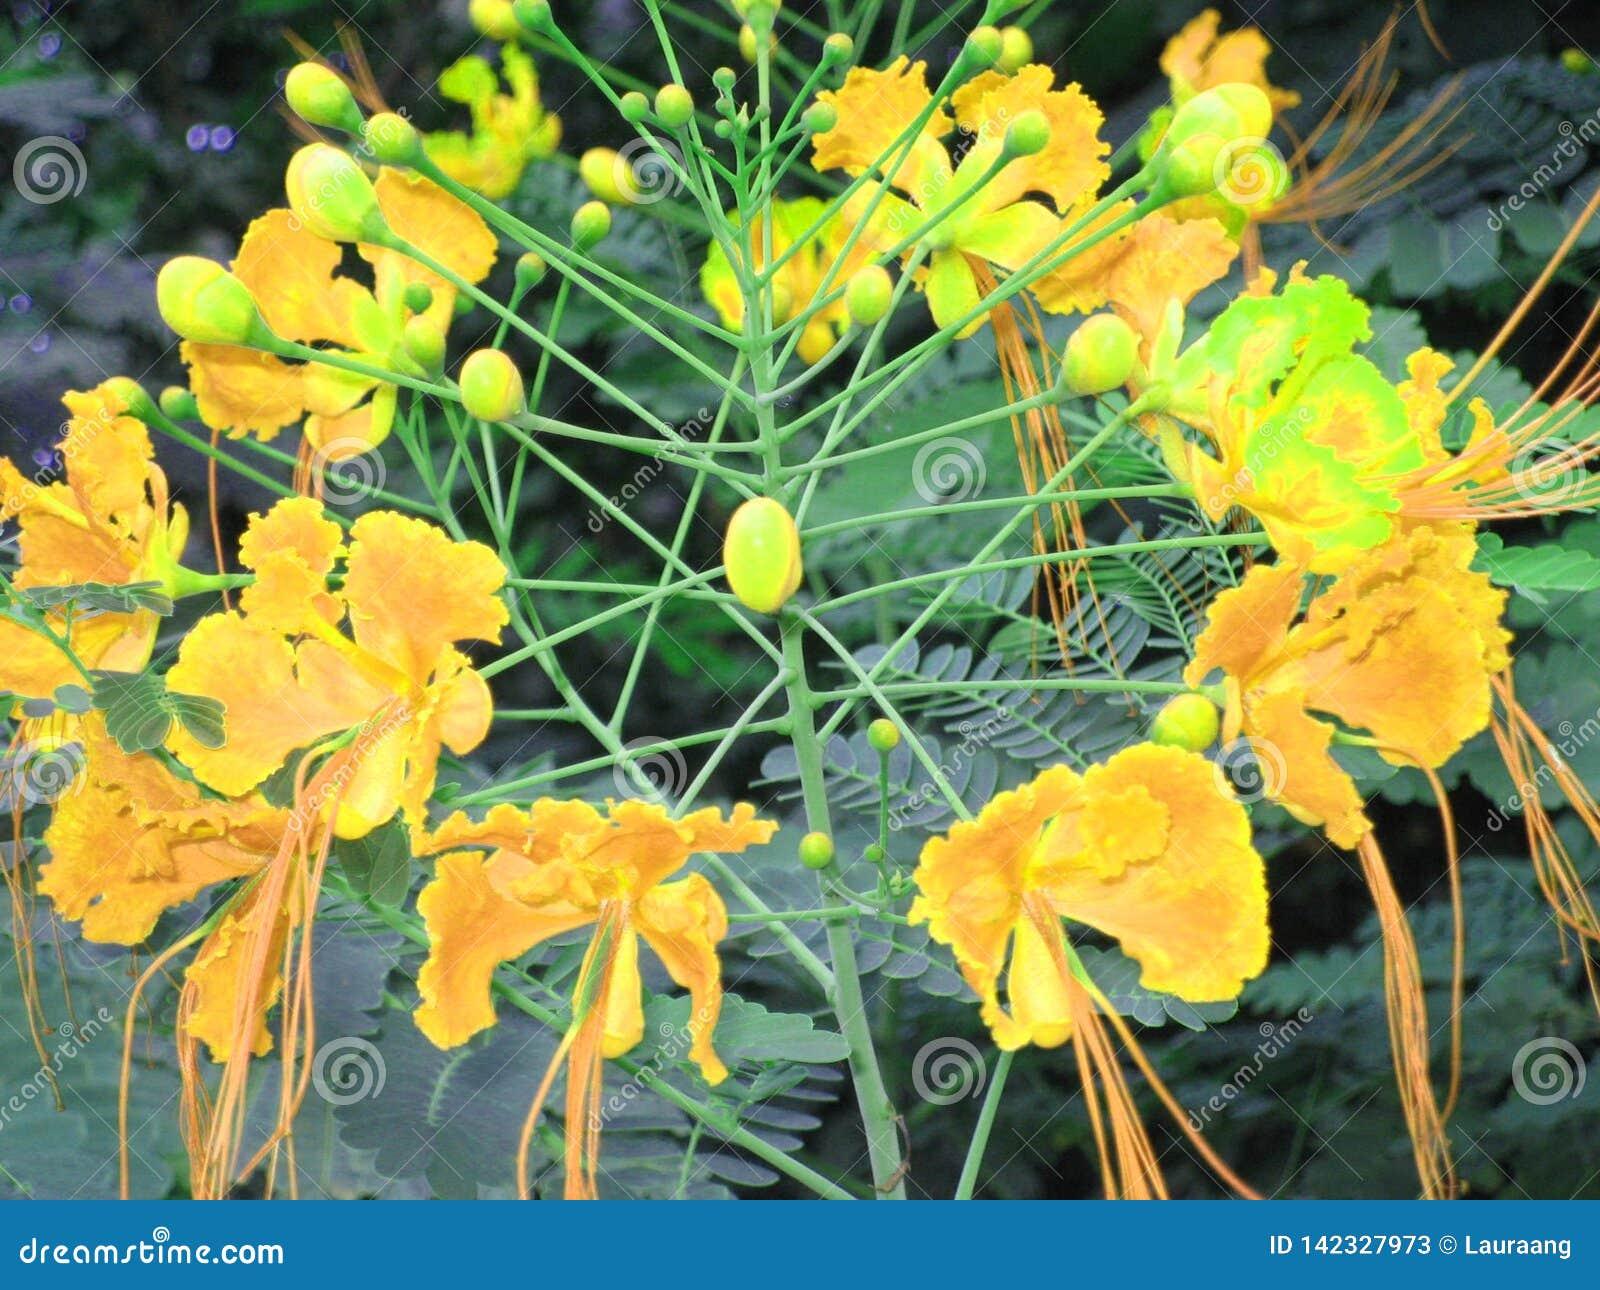 La belleza de la naturaleza mexicana - amarilla